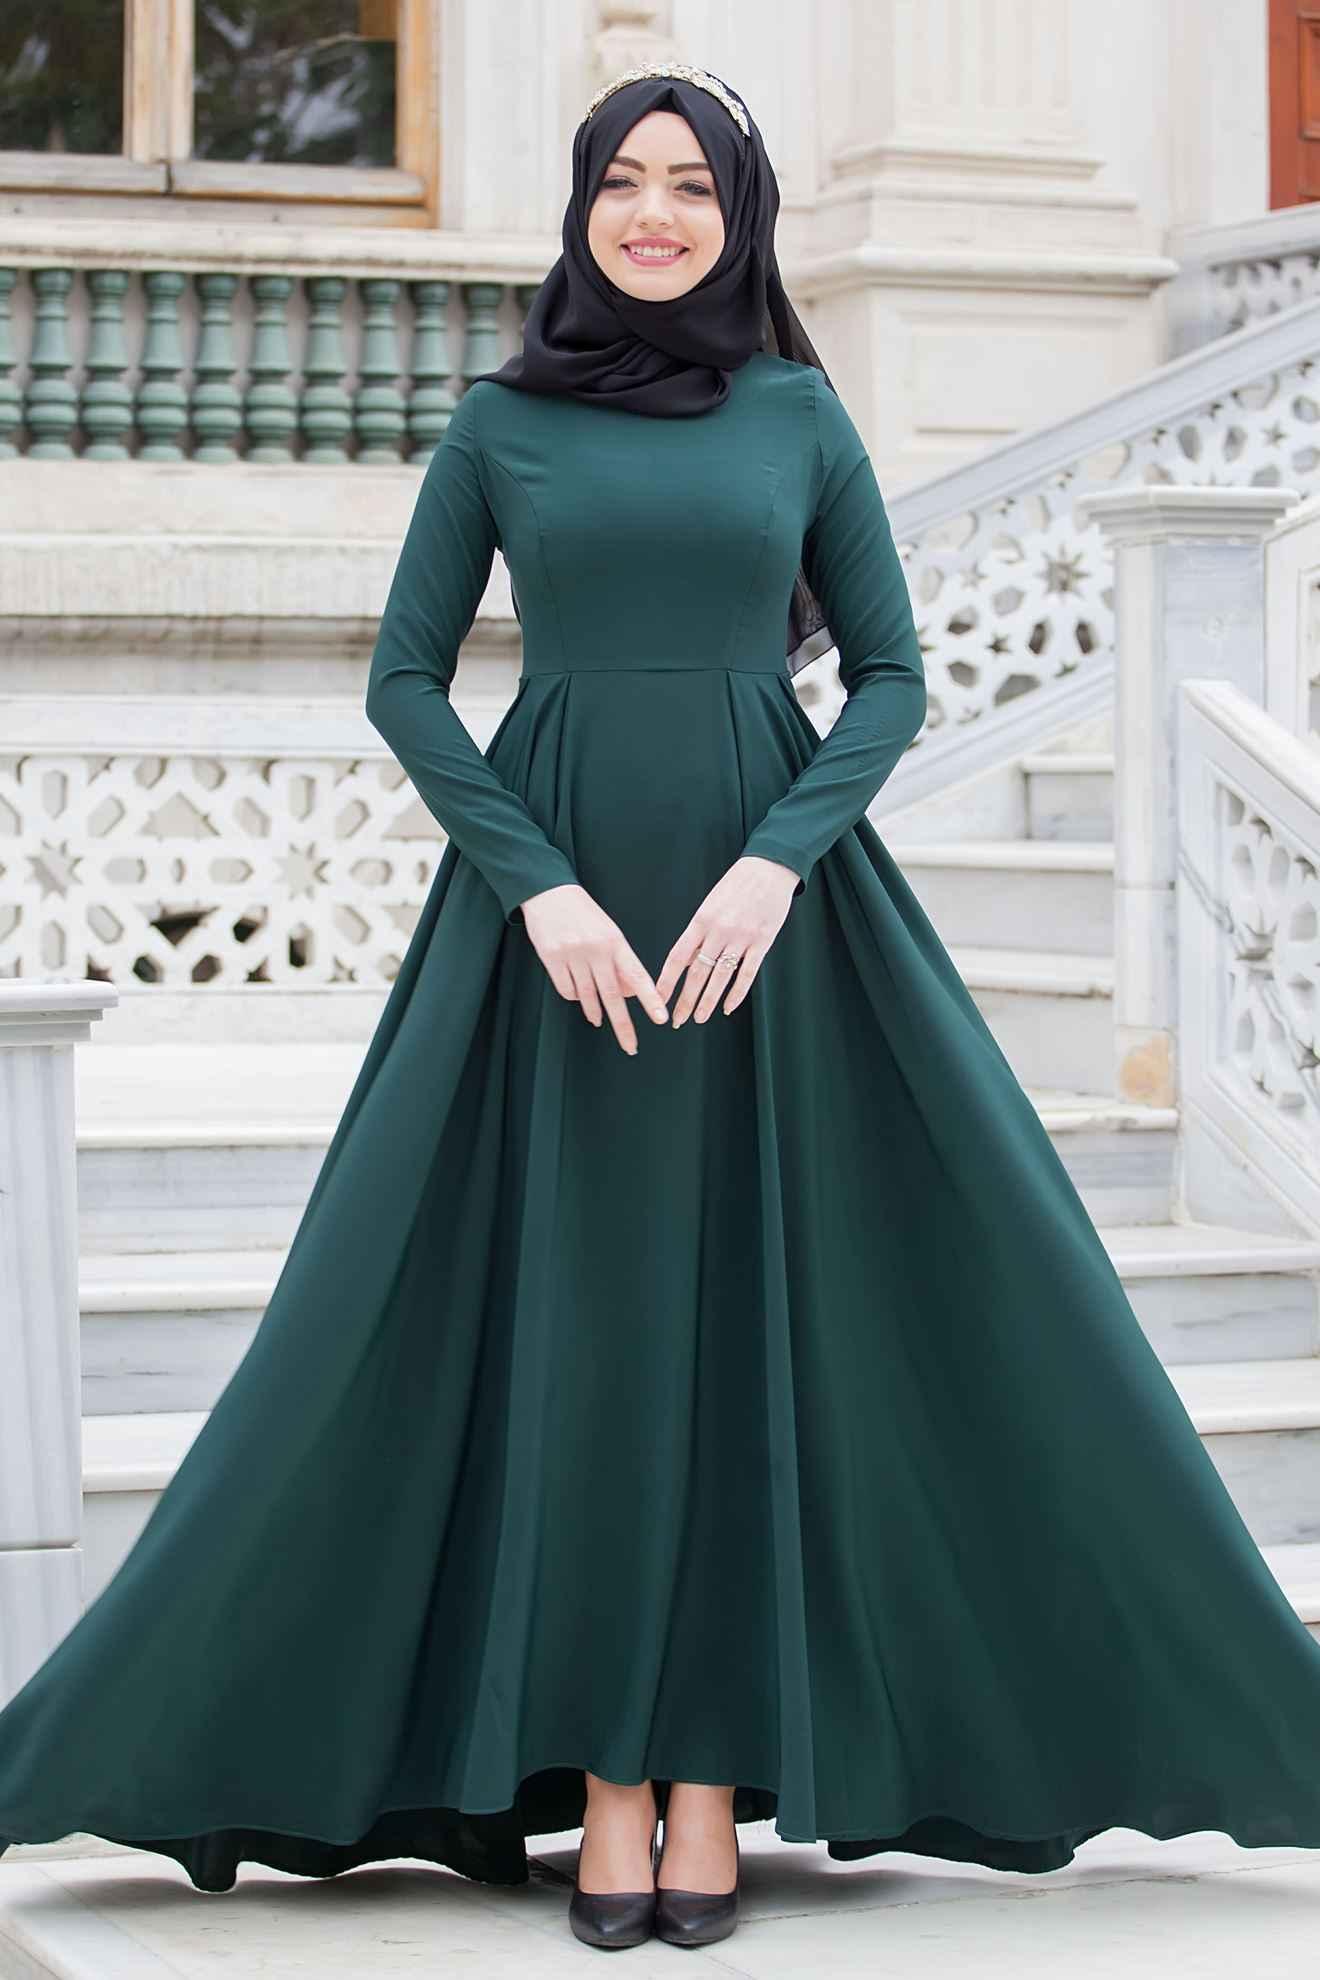 Sedanur Zümrüt Yeşili Tesettür Elbise Modelleri